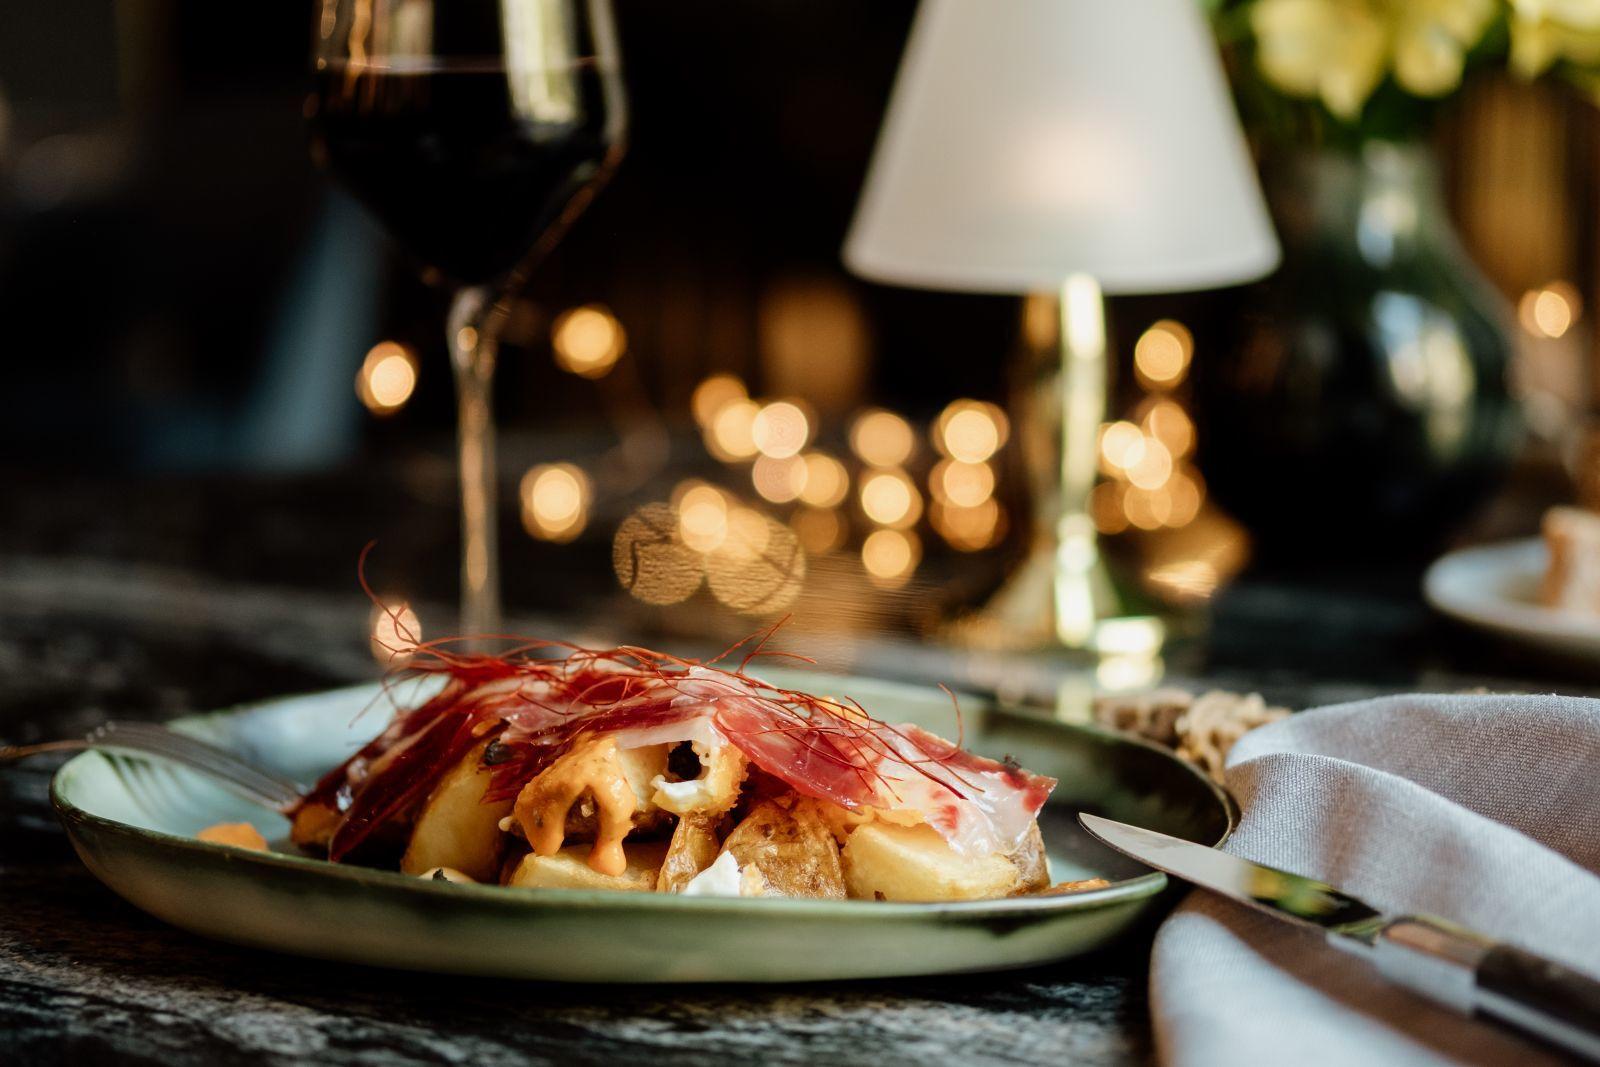 Aquestes festes l'Almanac Barcelona para la taula